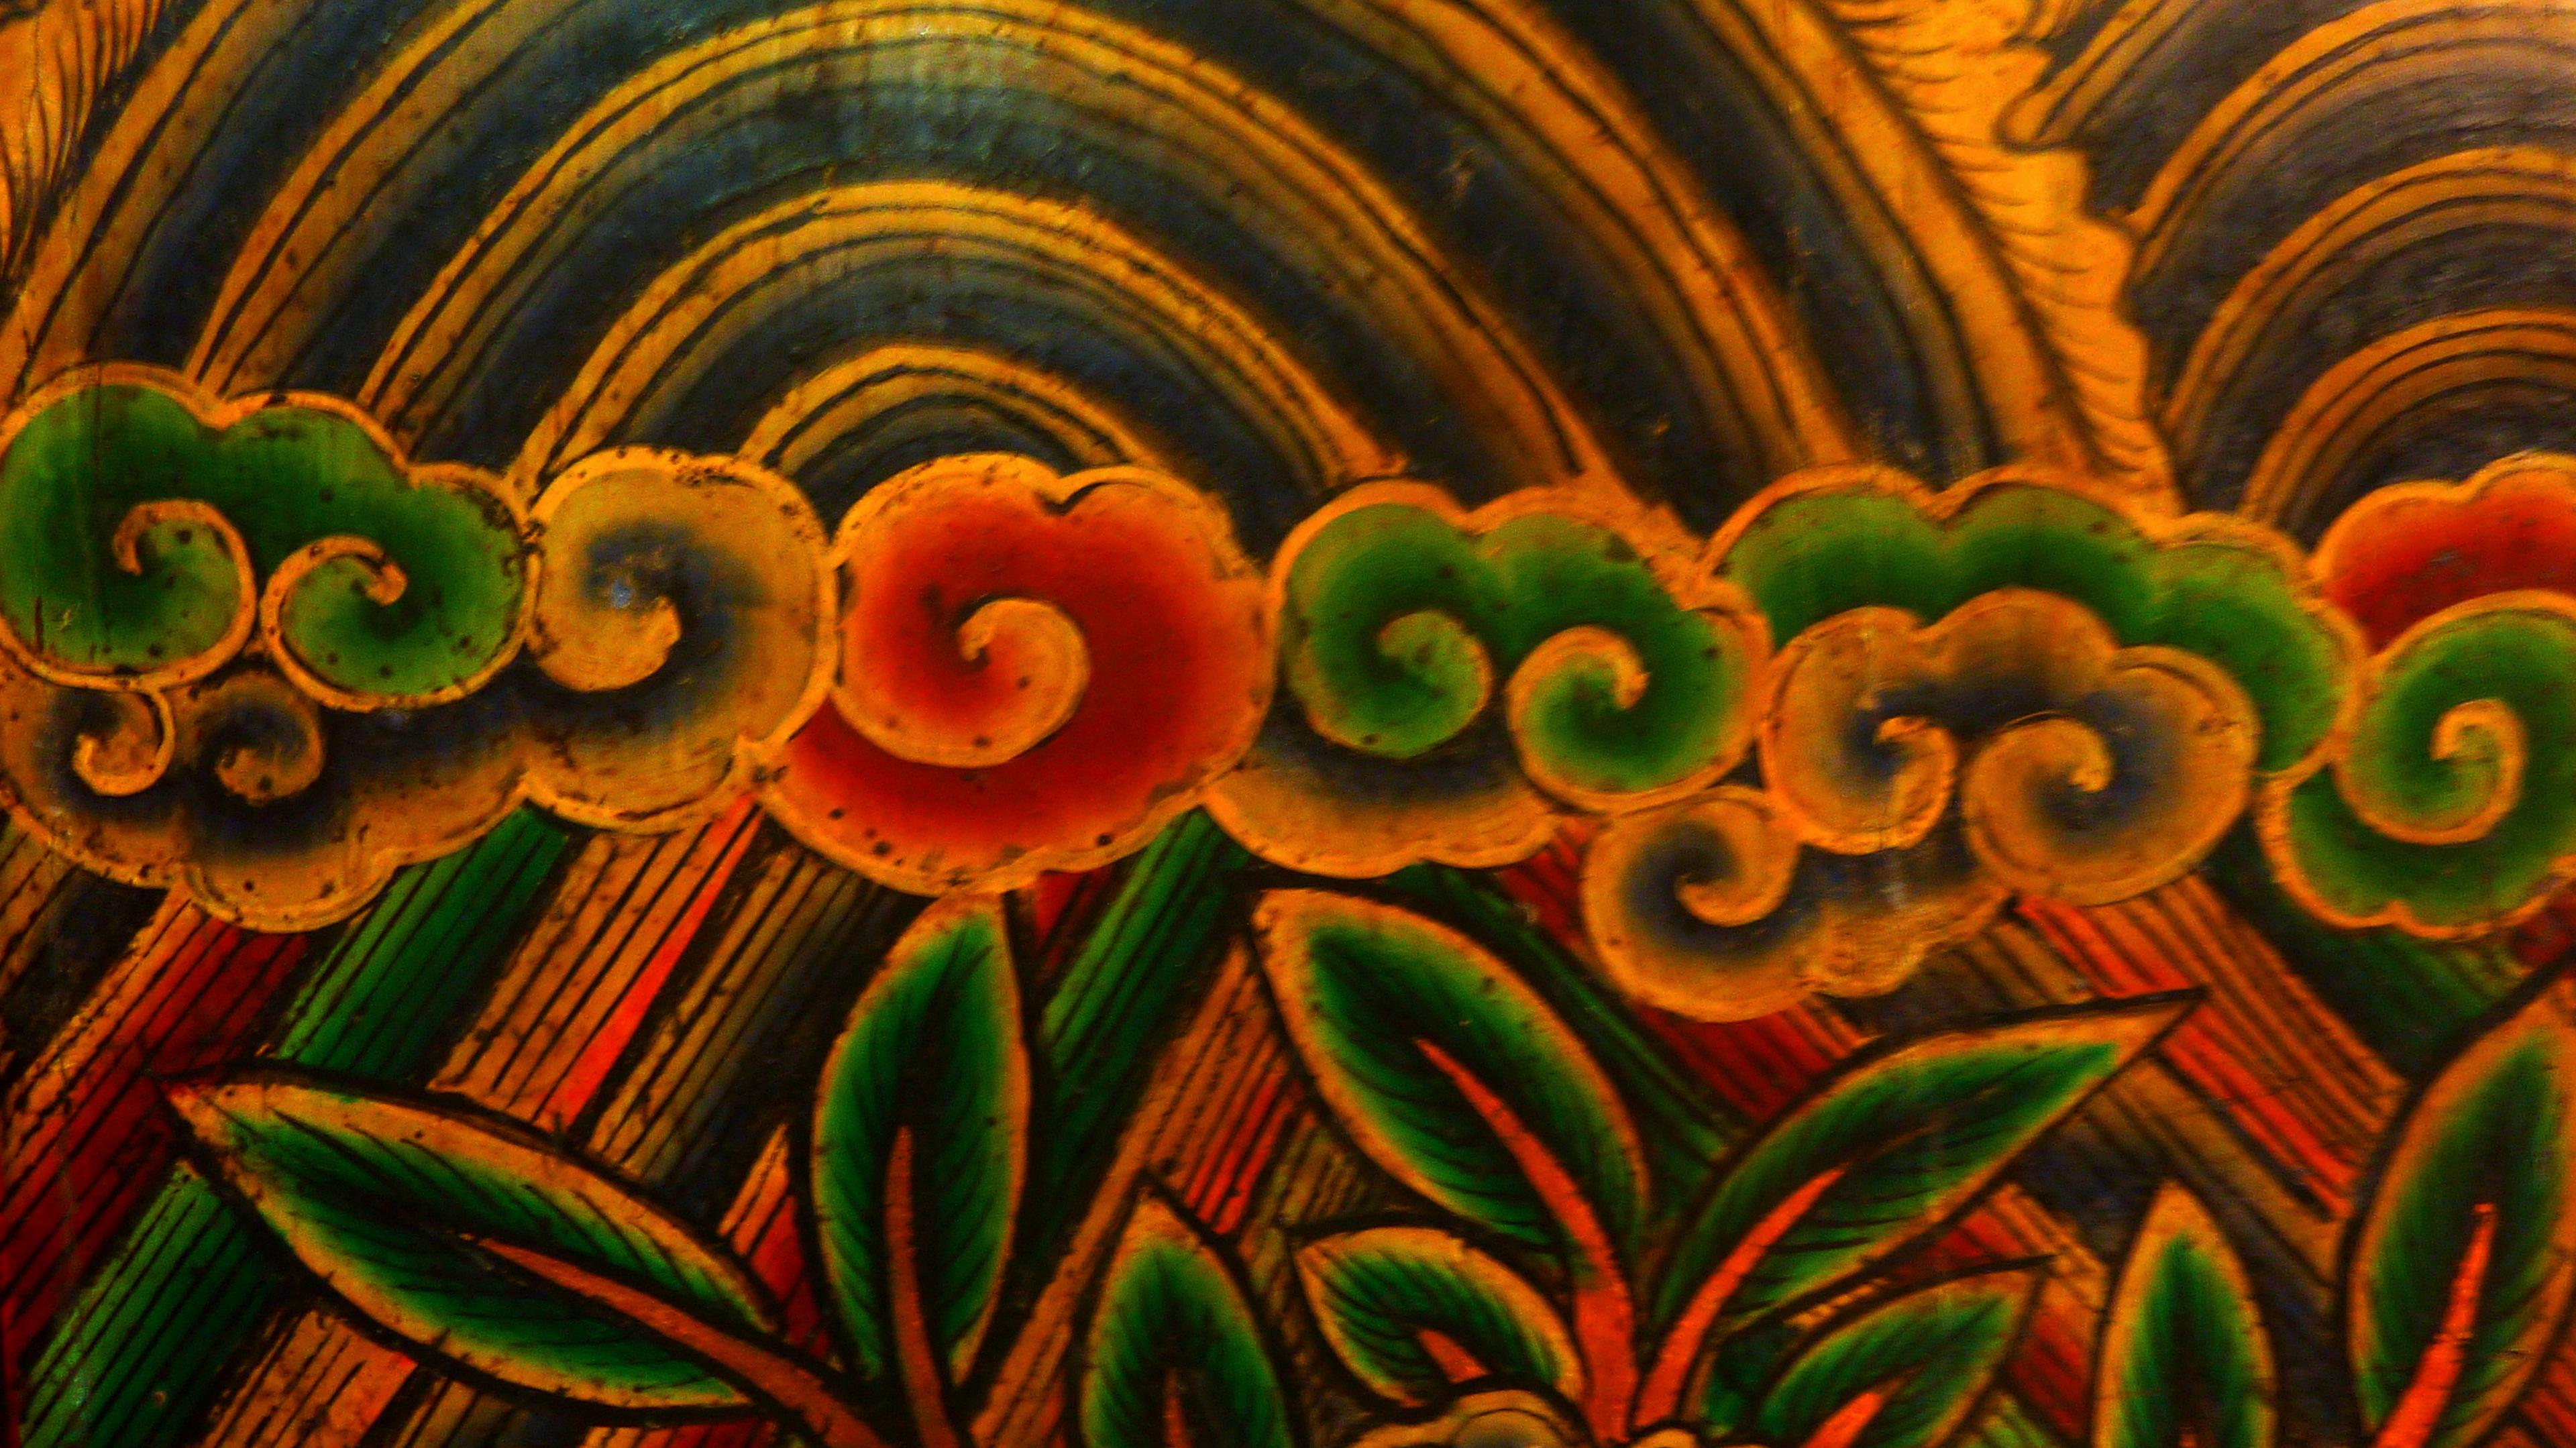 Extrait d'une fresque d'un temple taoïste à Taïwan représentant des nuages et un arc-en-ciel